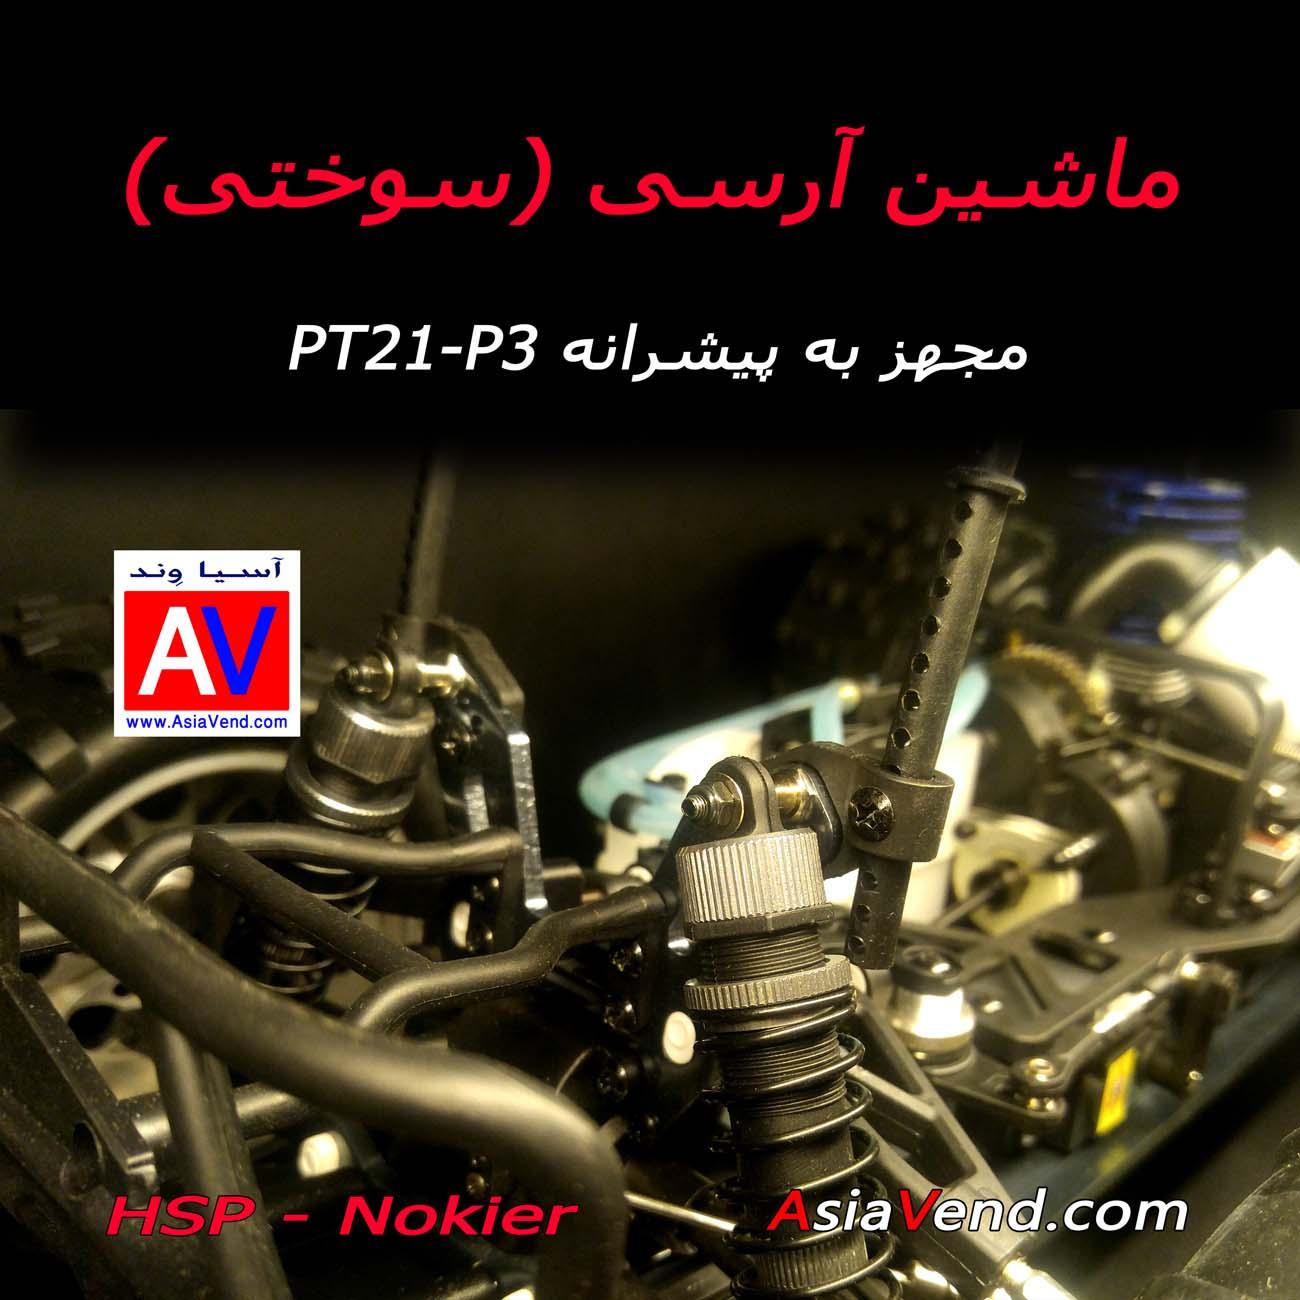 HSP RC CAR FOR SALE خرید ماشین آرسی سوختی / HSP NITRO RC CAR